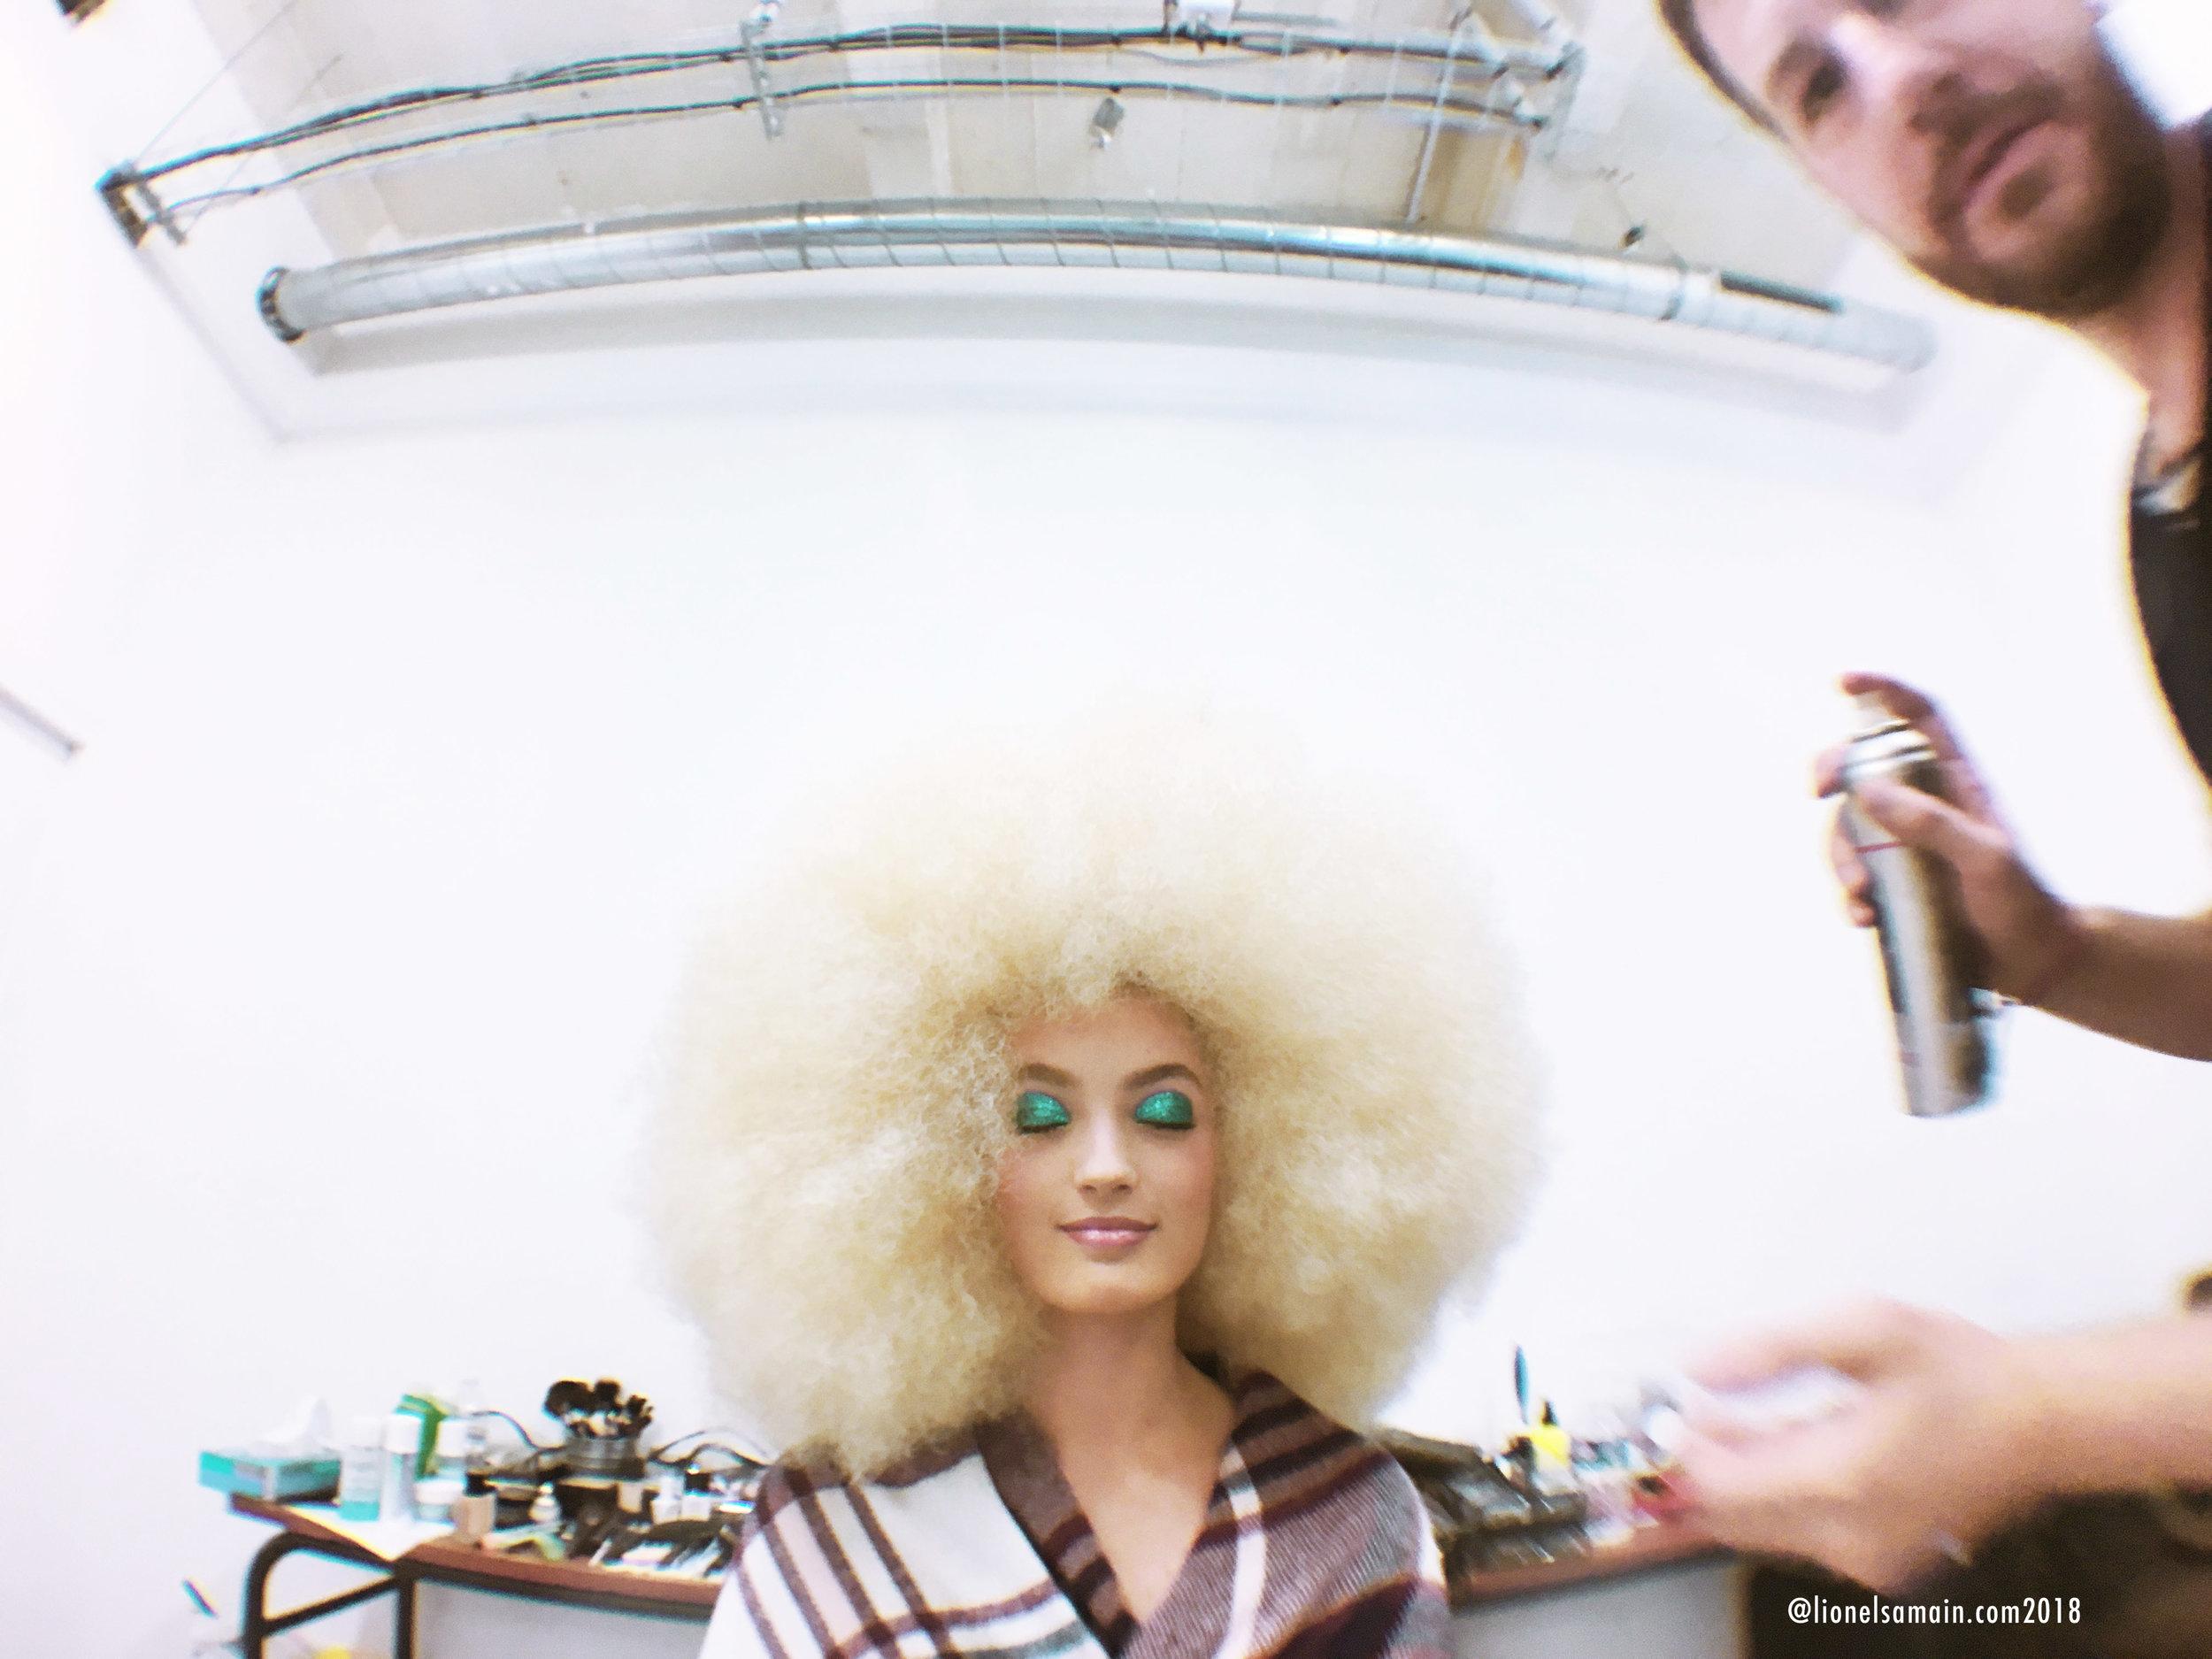 Mathieu De Mayer, make up artist and hair designer, pumping volume out of model's head.